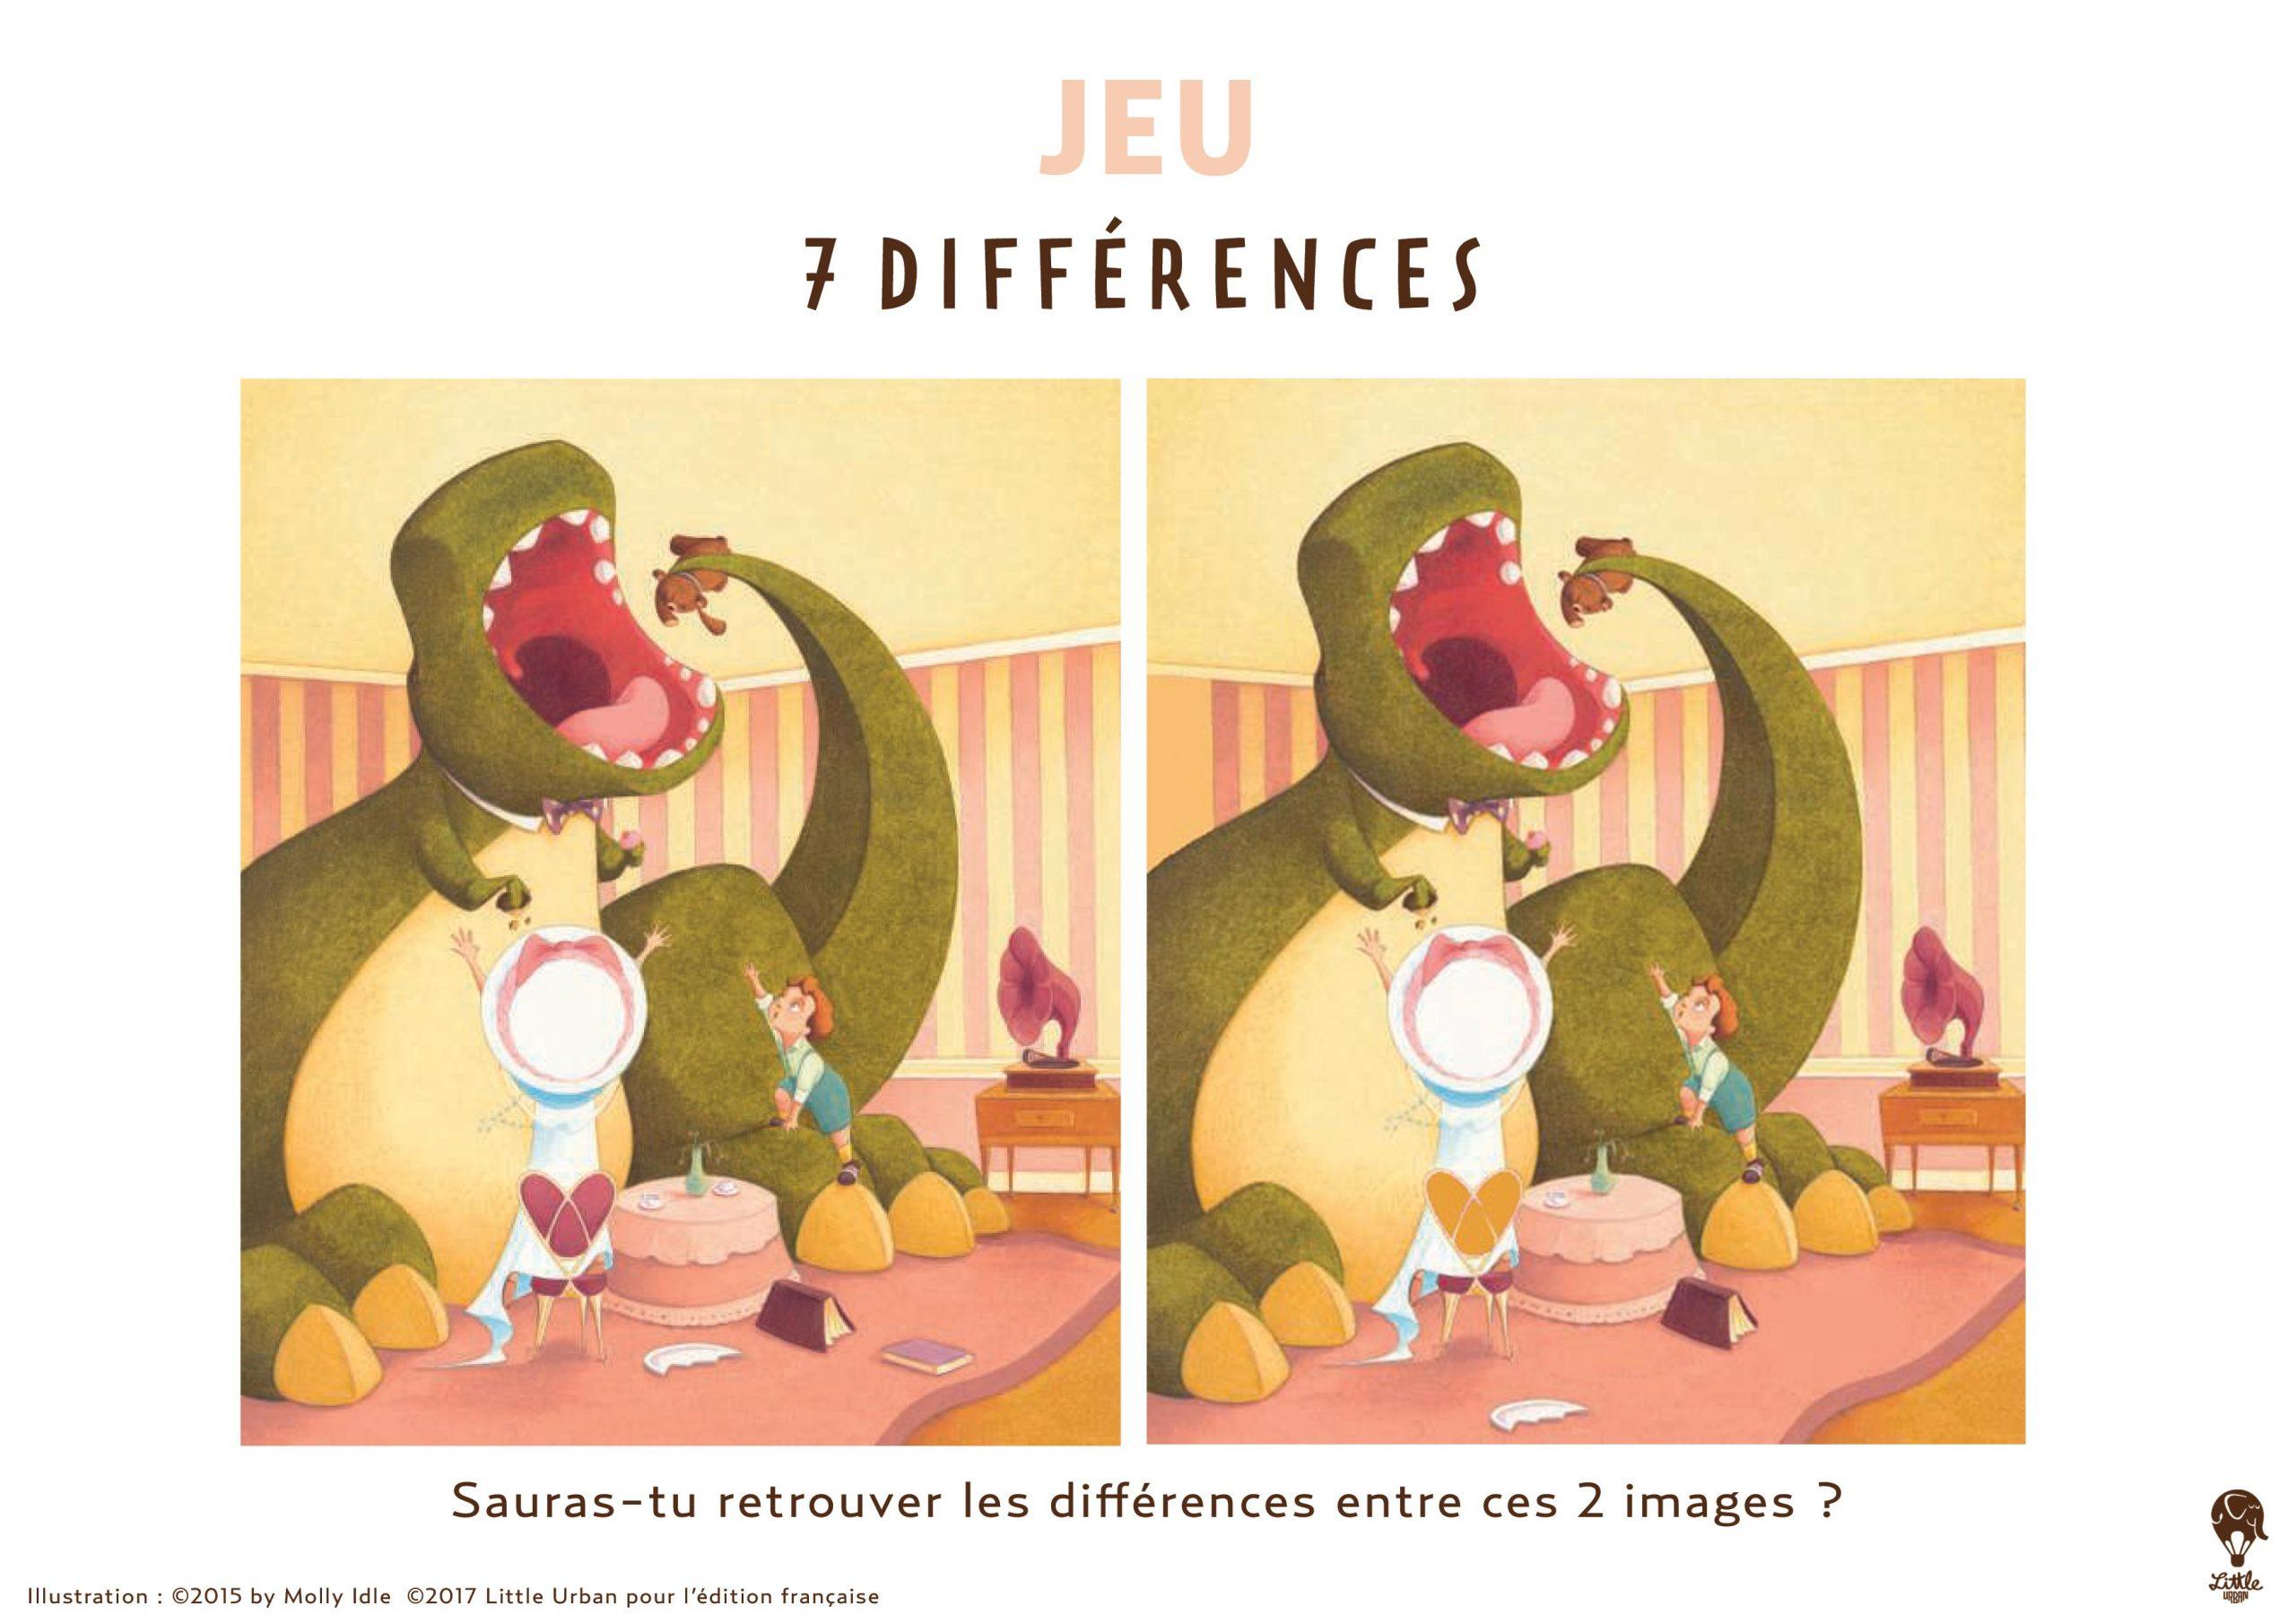 Jeu-7-Différences - Little Urban à Jeu Des 7 Differences